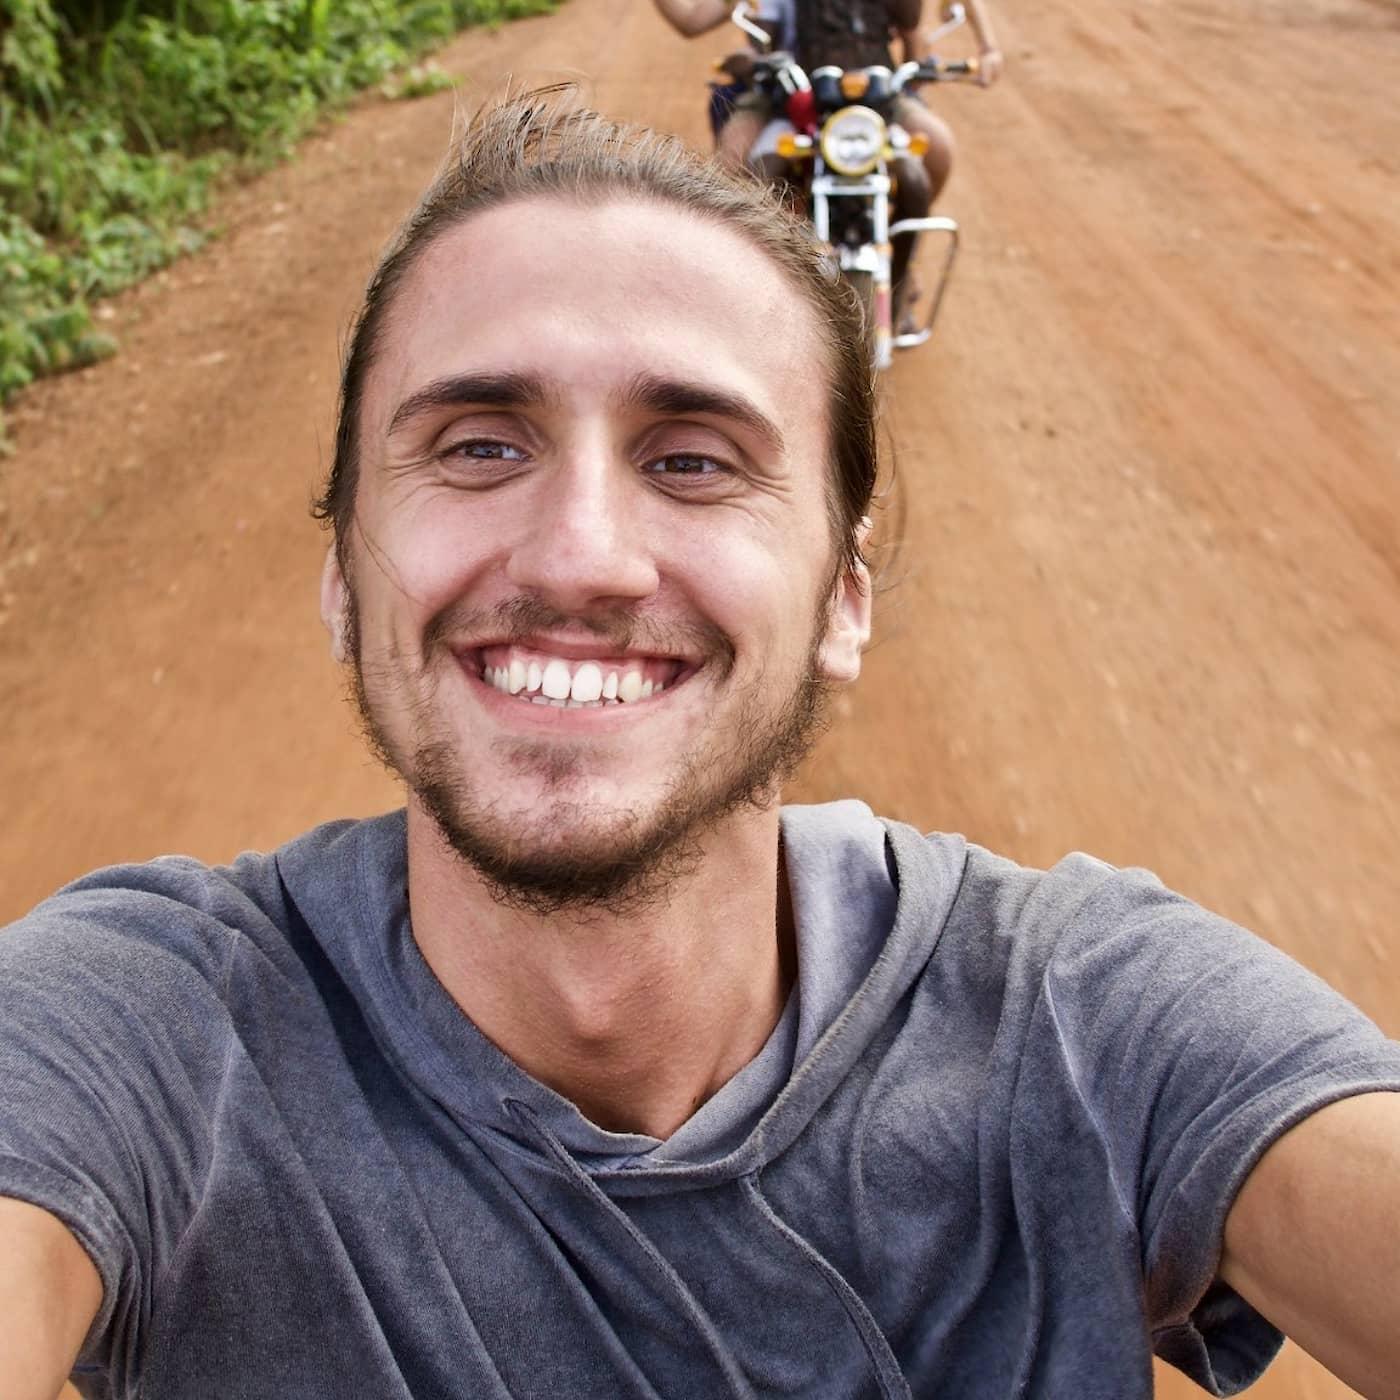 David mötte döden – nu räddar han världen